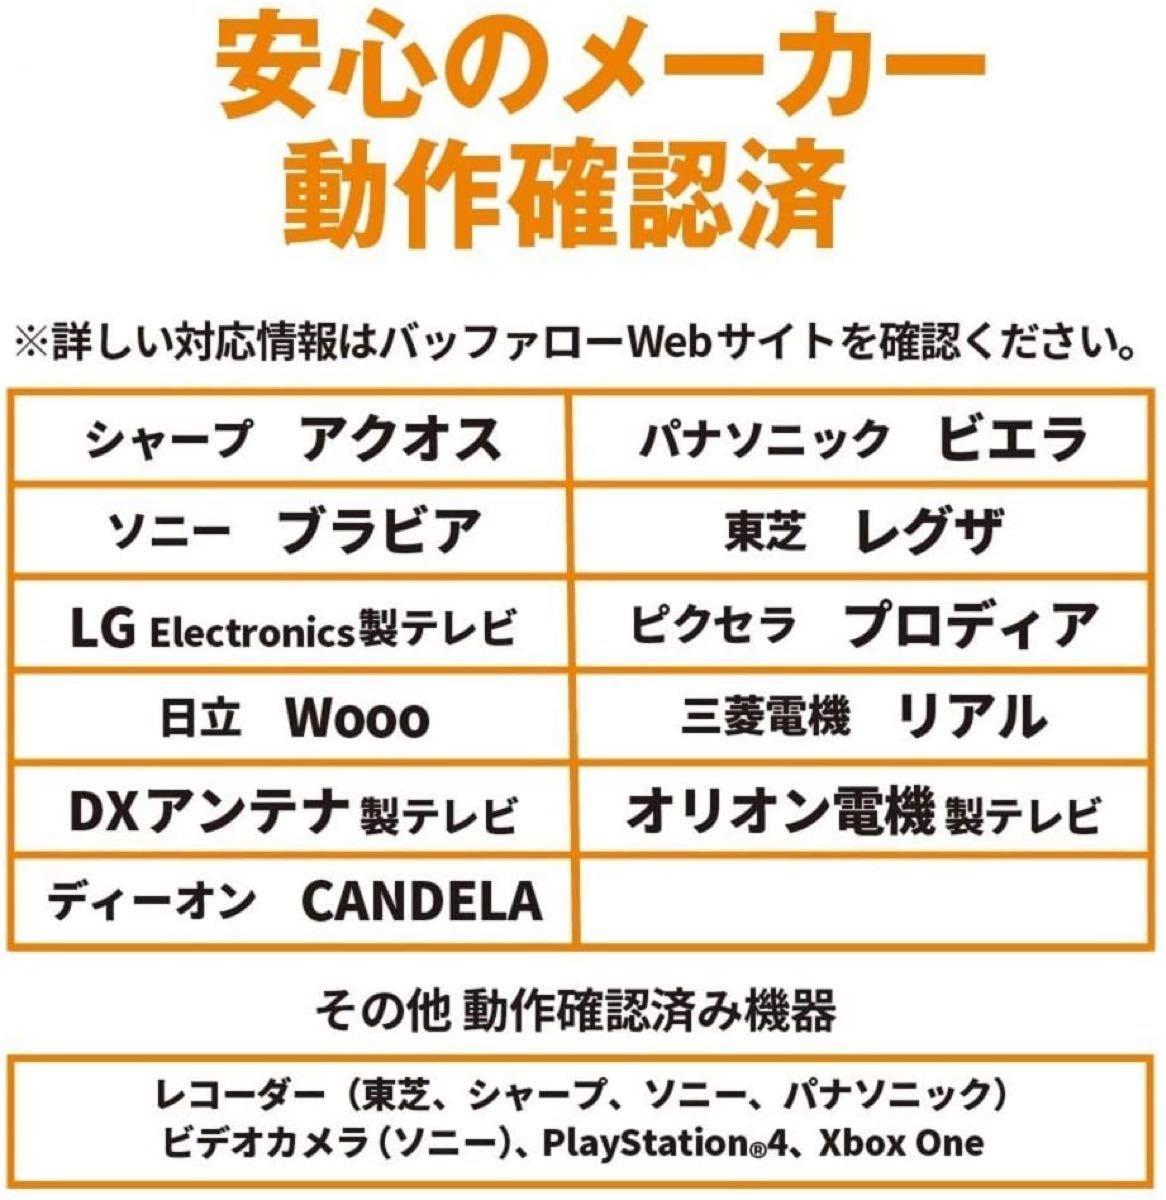 ★美品★ BUFFALO 2TB 外付けHDD ★ TV録画&レコーダー/PC(Win/macOS)/PS5対応 静音&防振